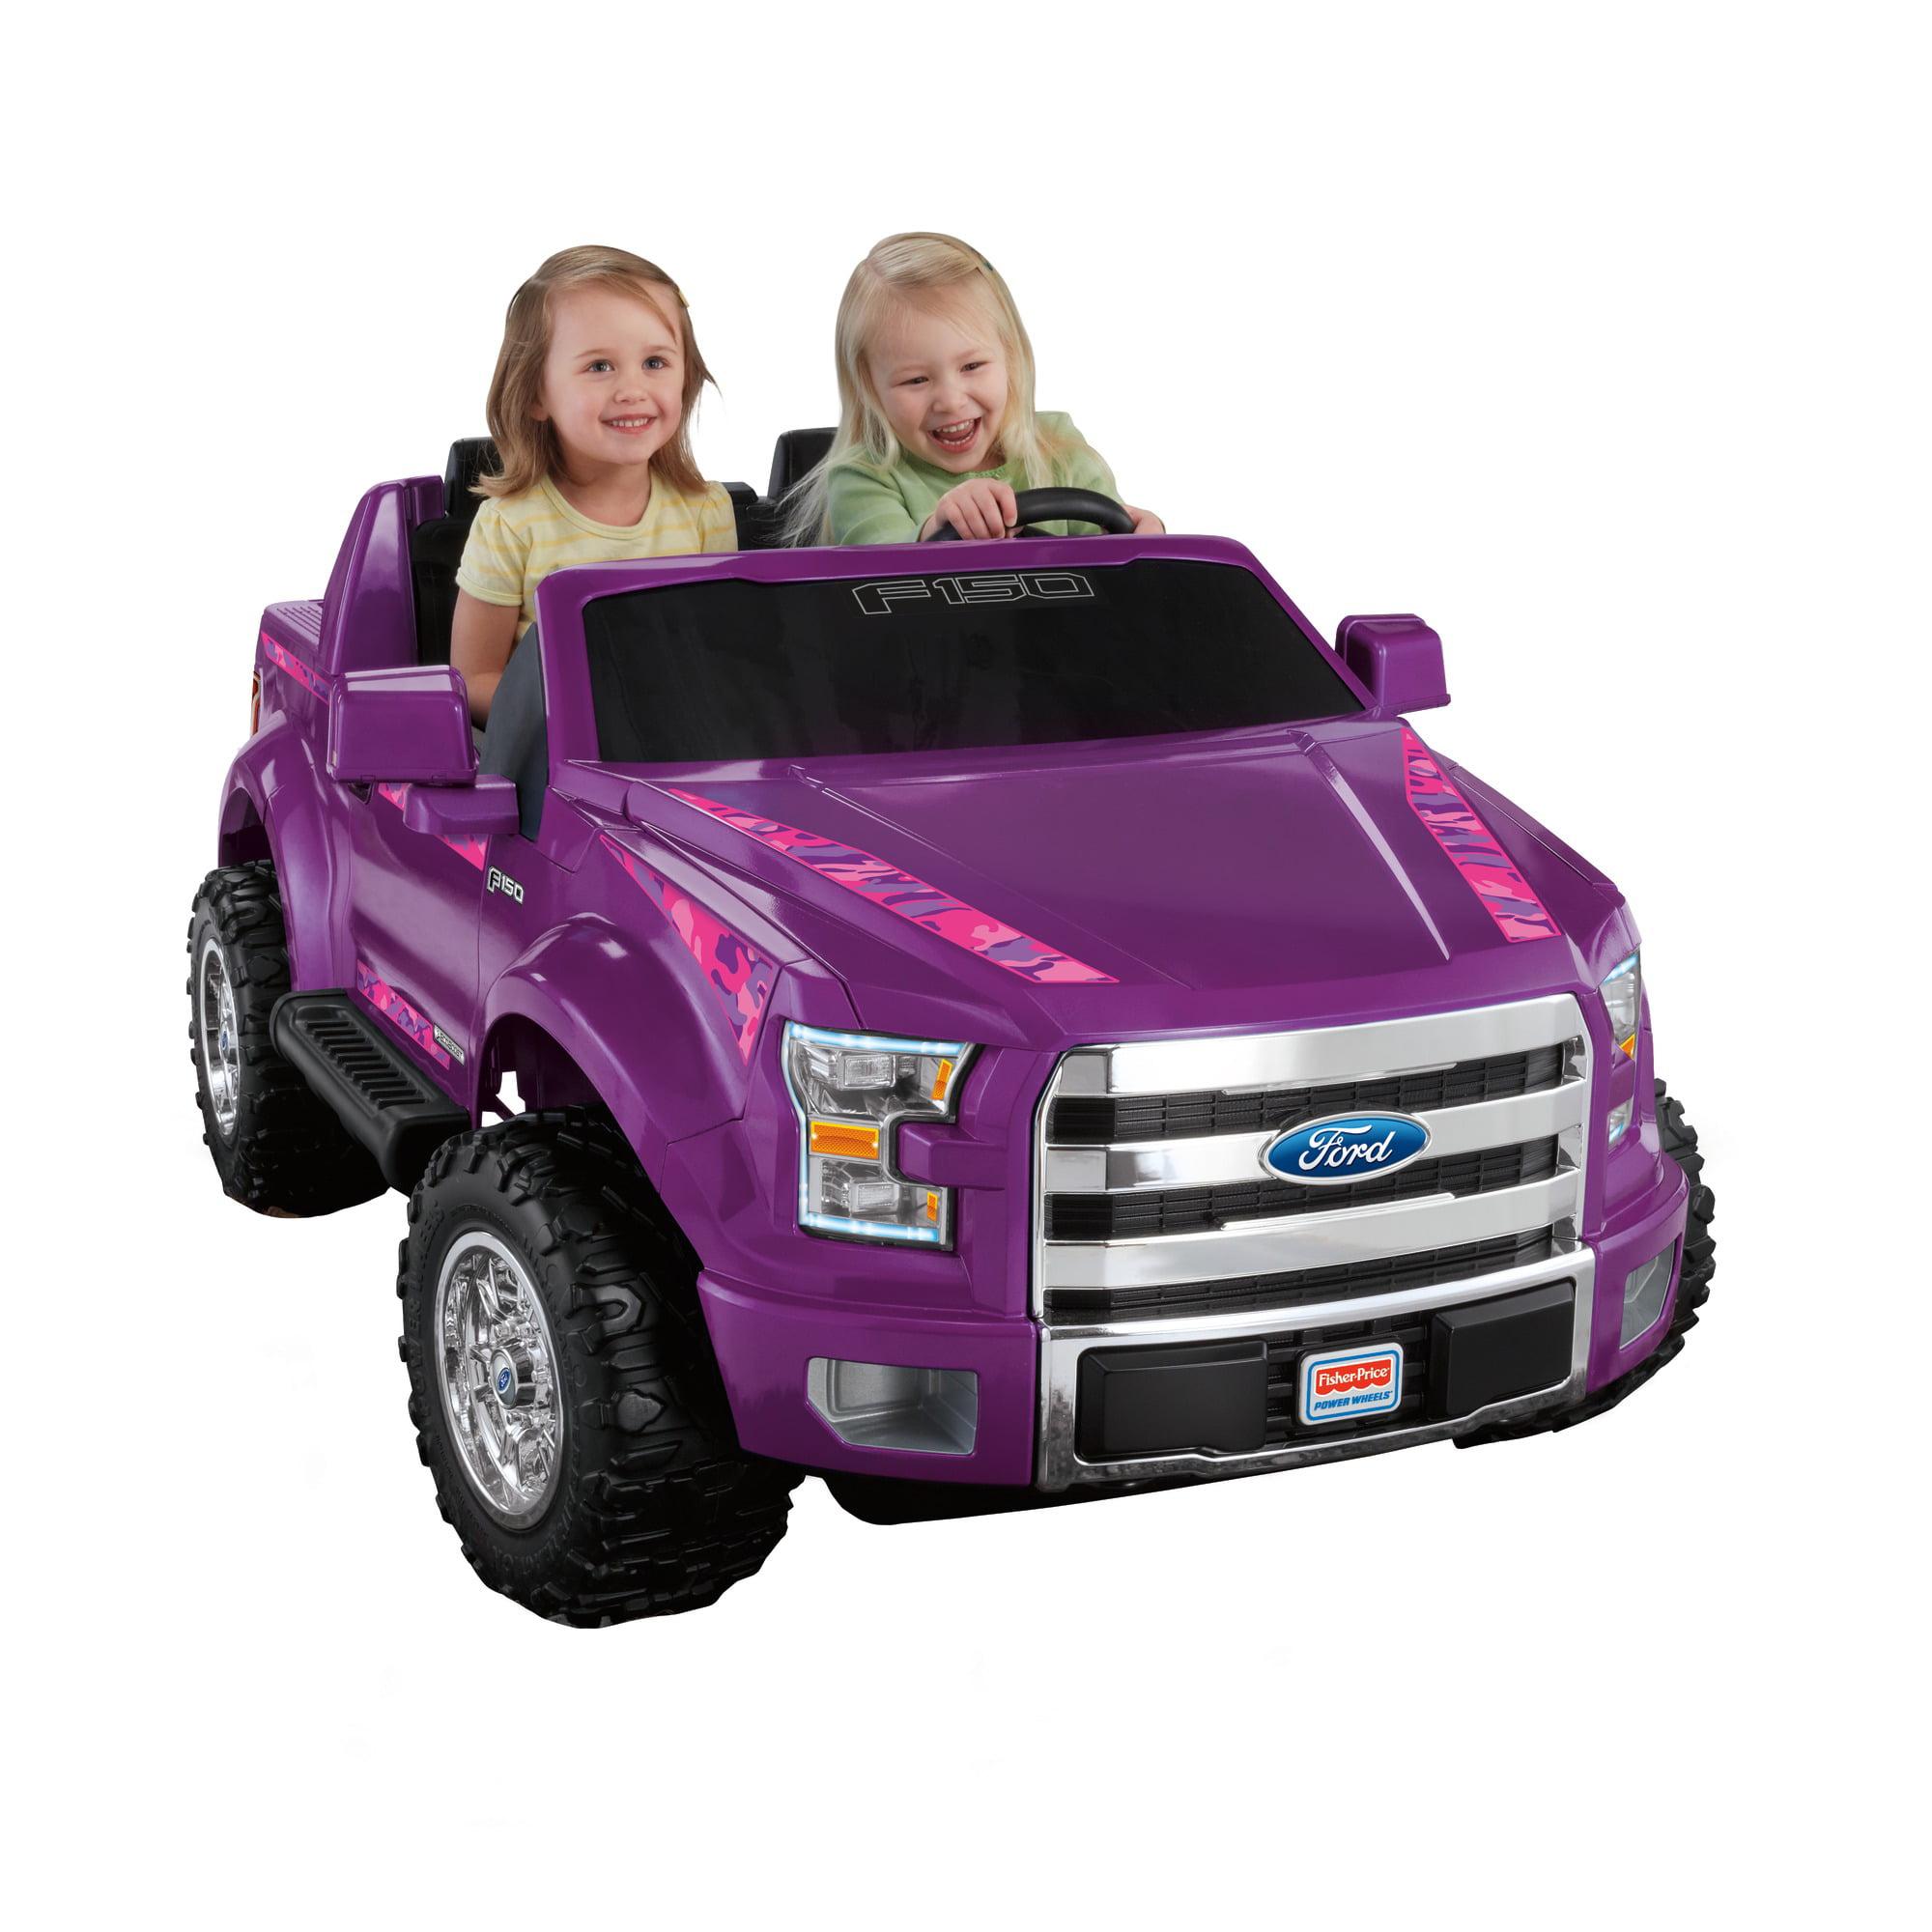 Power Wheels Ford F150 12 V Ride On Walmart Com Walmart Com